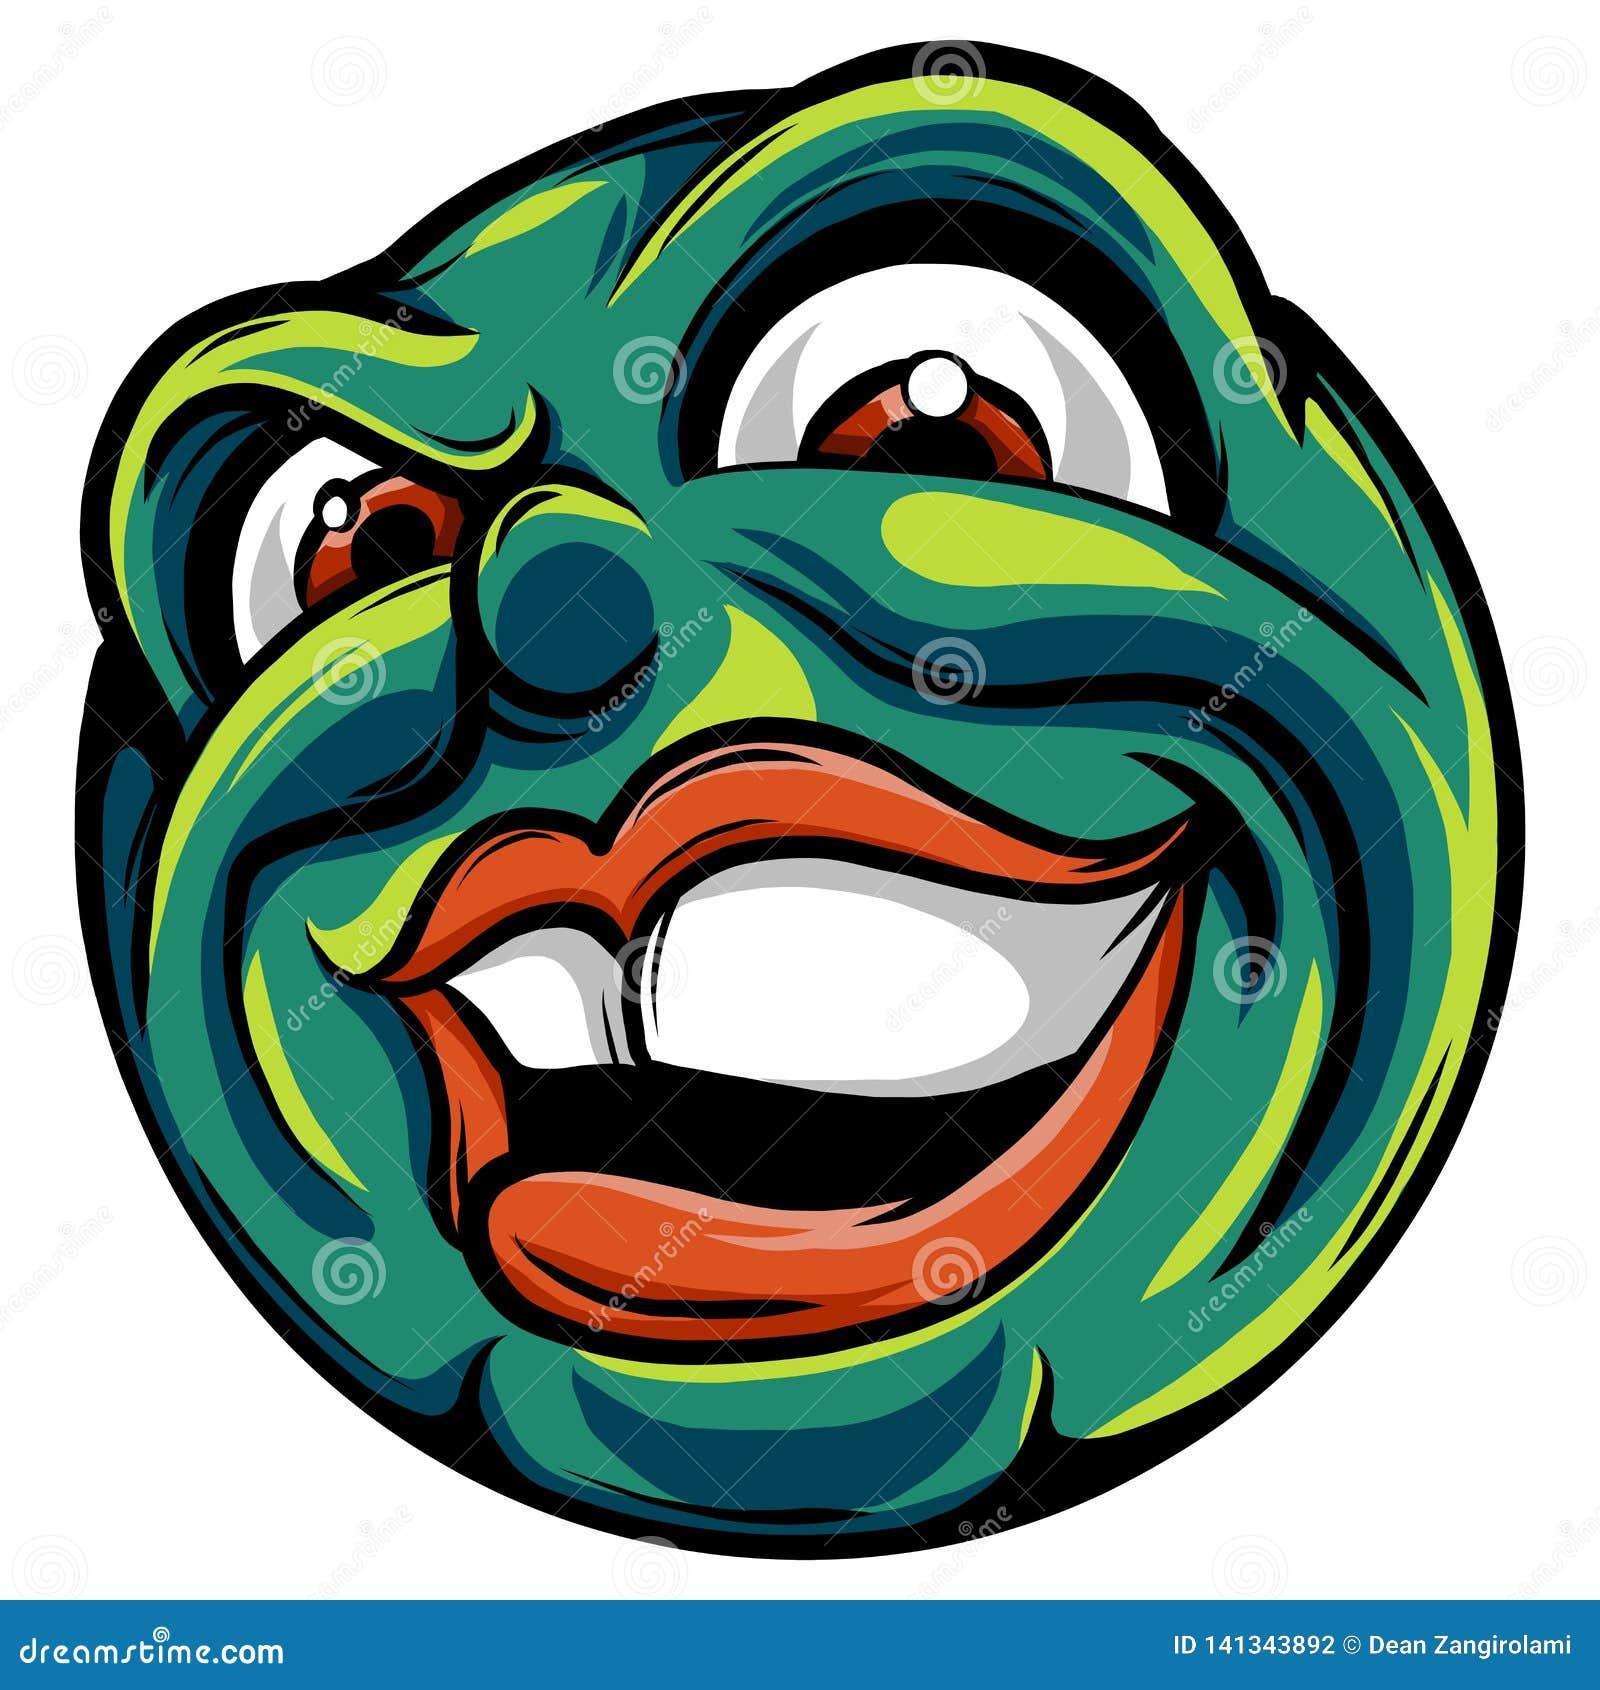 Dibujo de un emoticon con una cara malvada